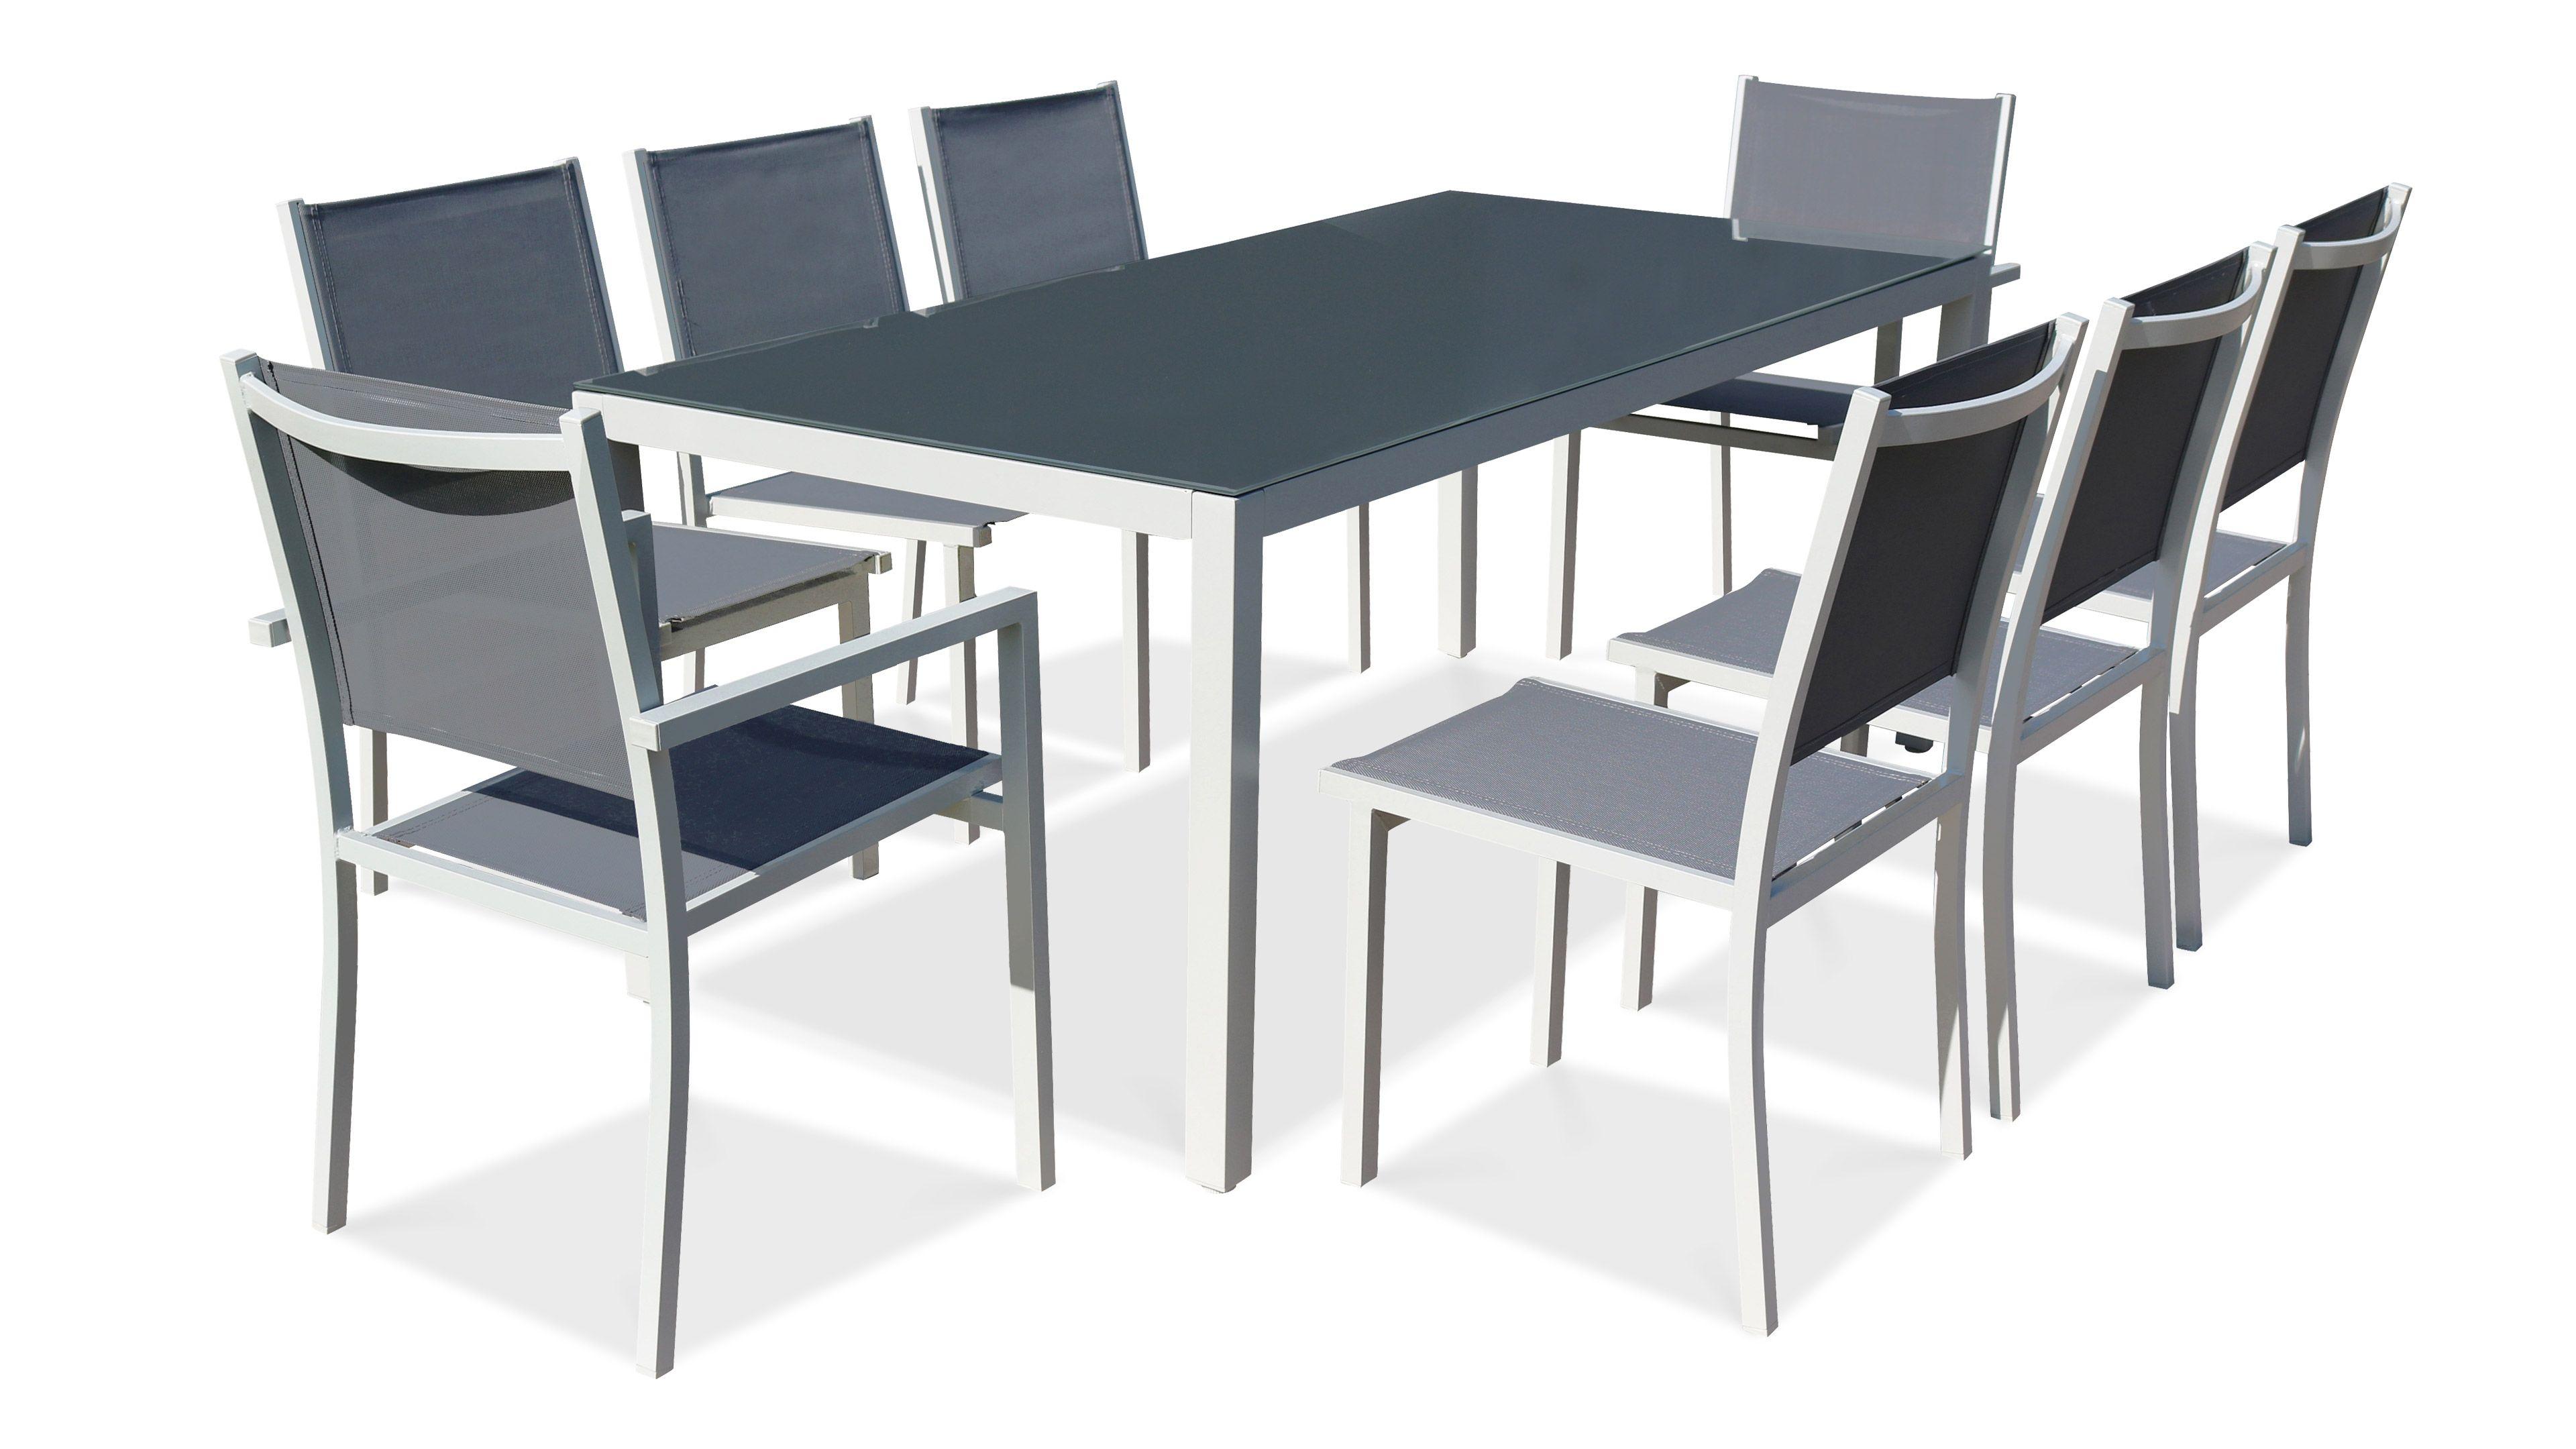 Salon De Jardin Aluminium Table De Jardin 8 Places à Table De Jardin En Aluminium